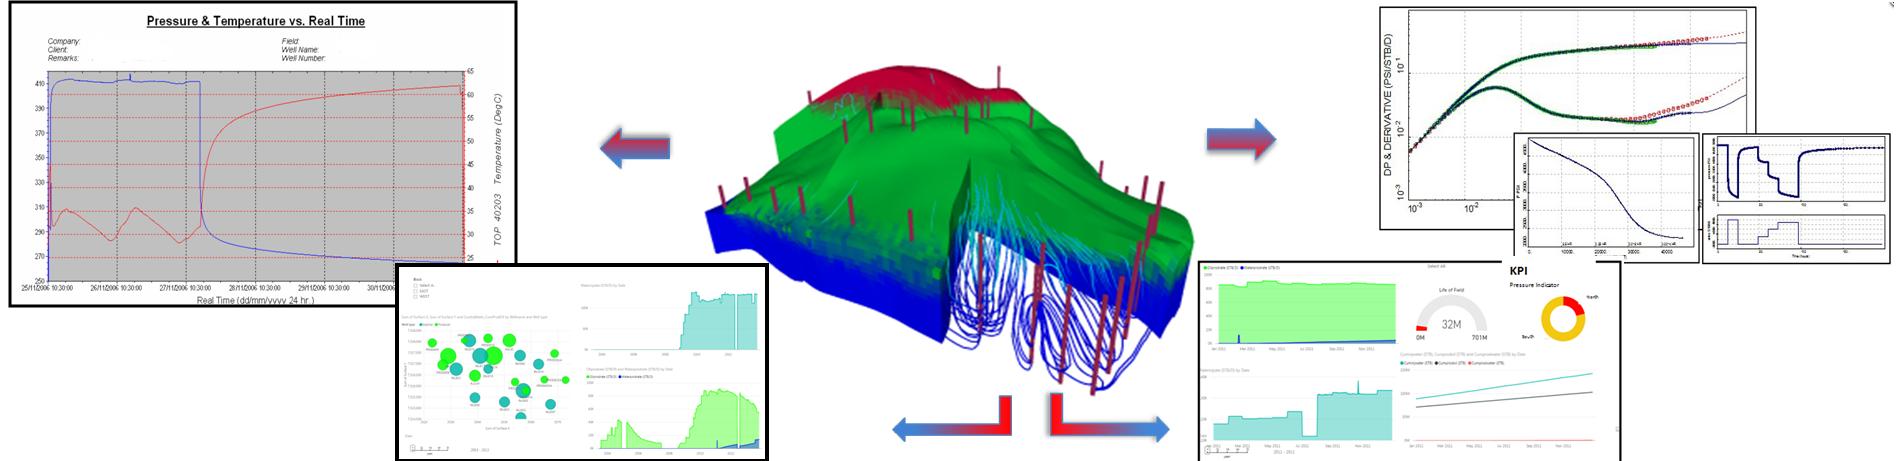 Reservoir Analysis & Monitoring